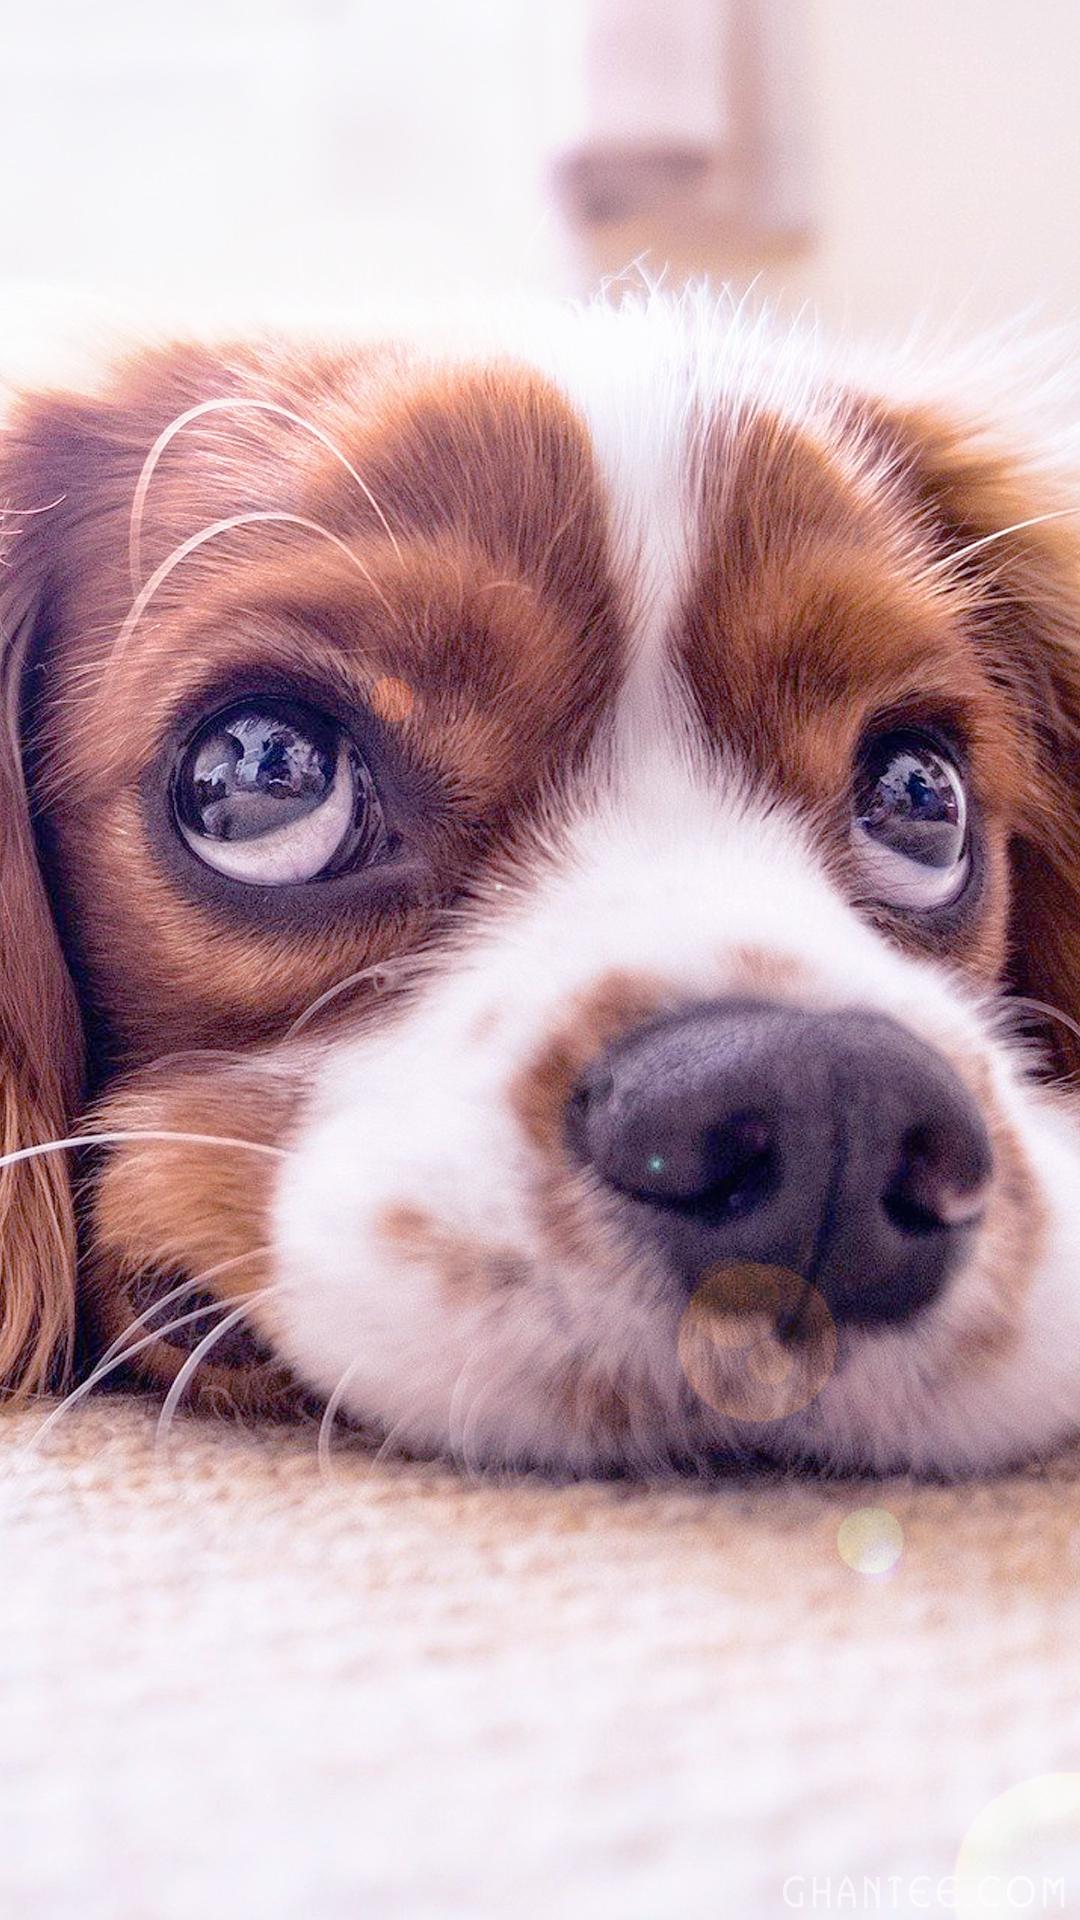 Cute Phone Backgrounds   Doggo Dog Language Meme   1080x1920 1080x1920